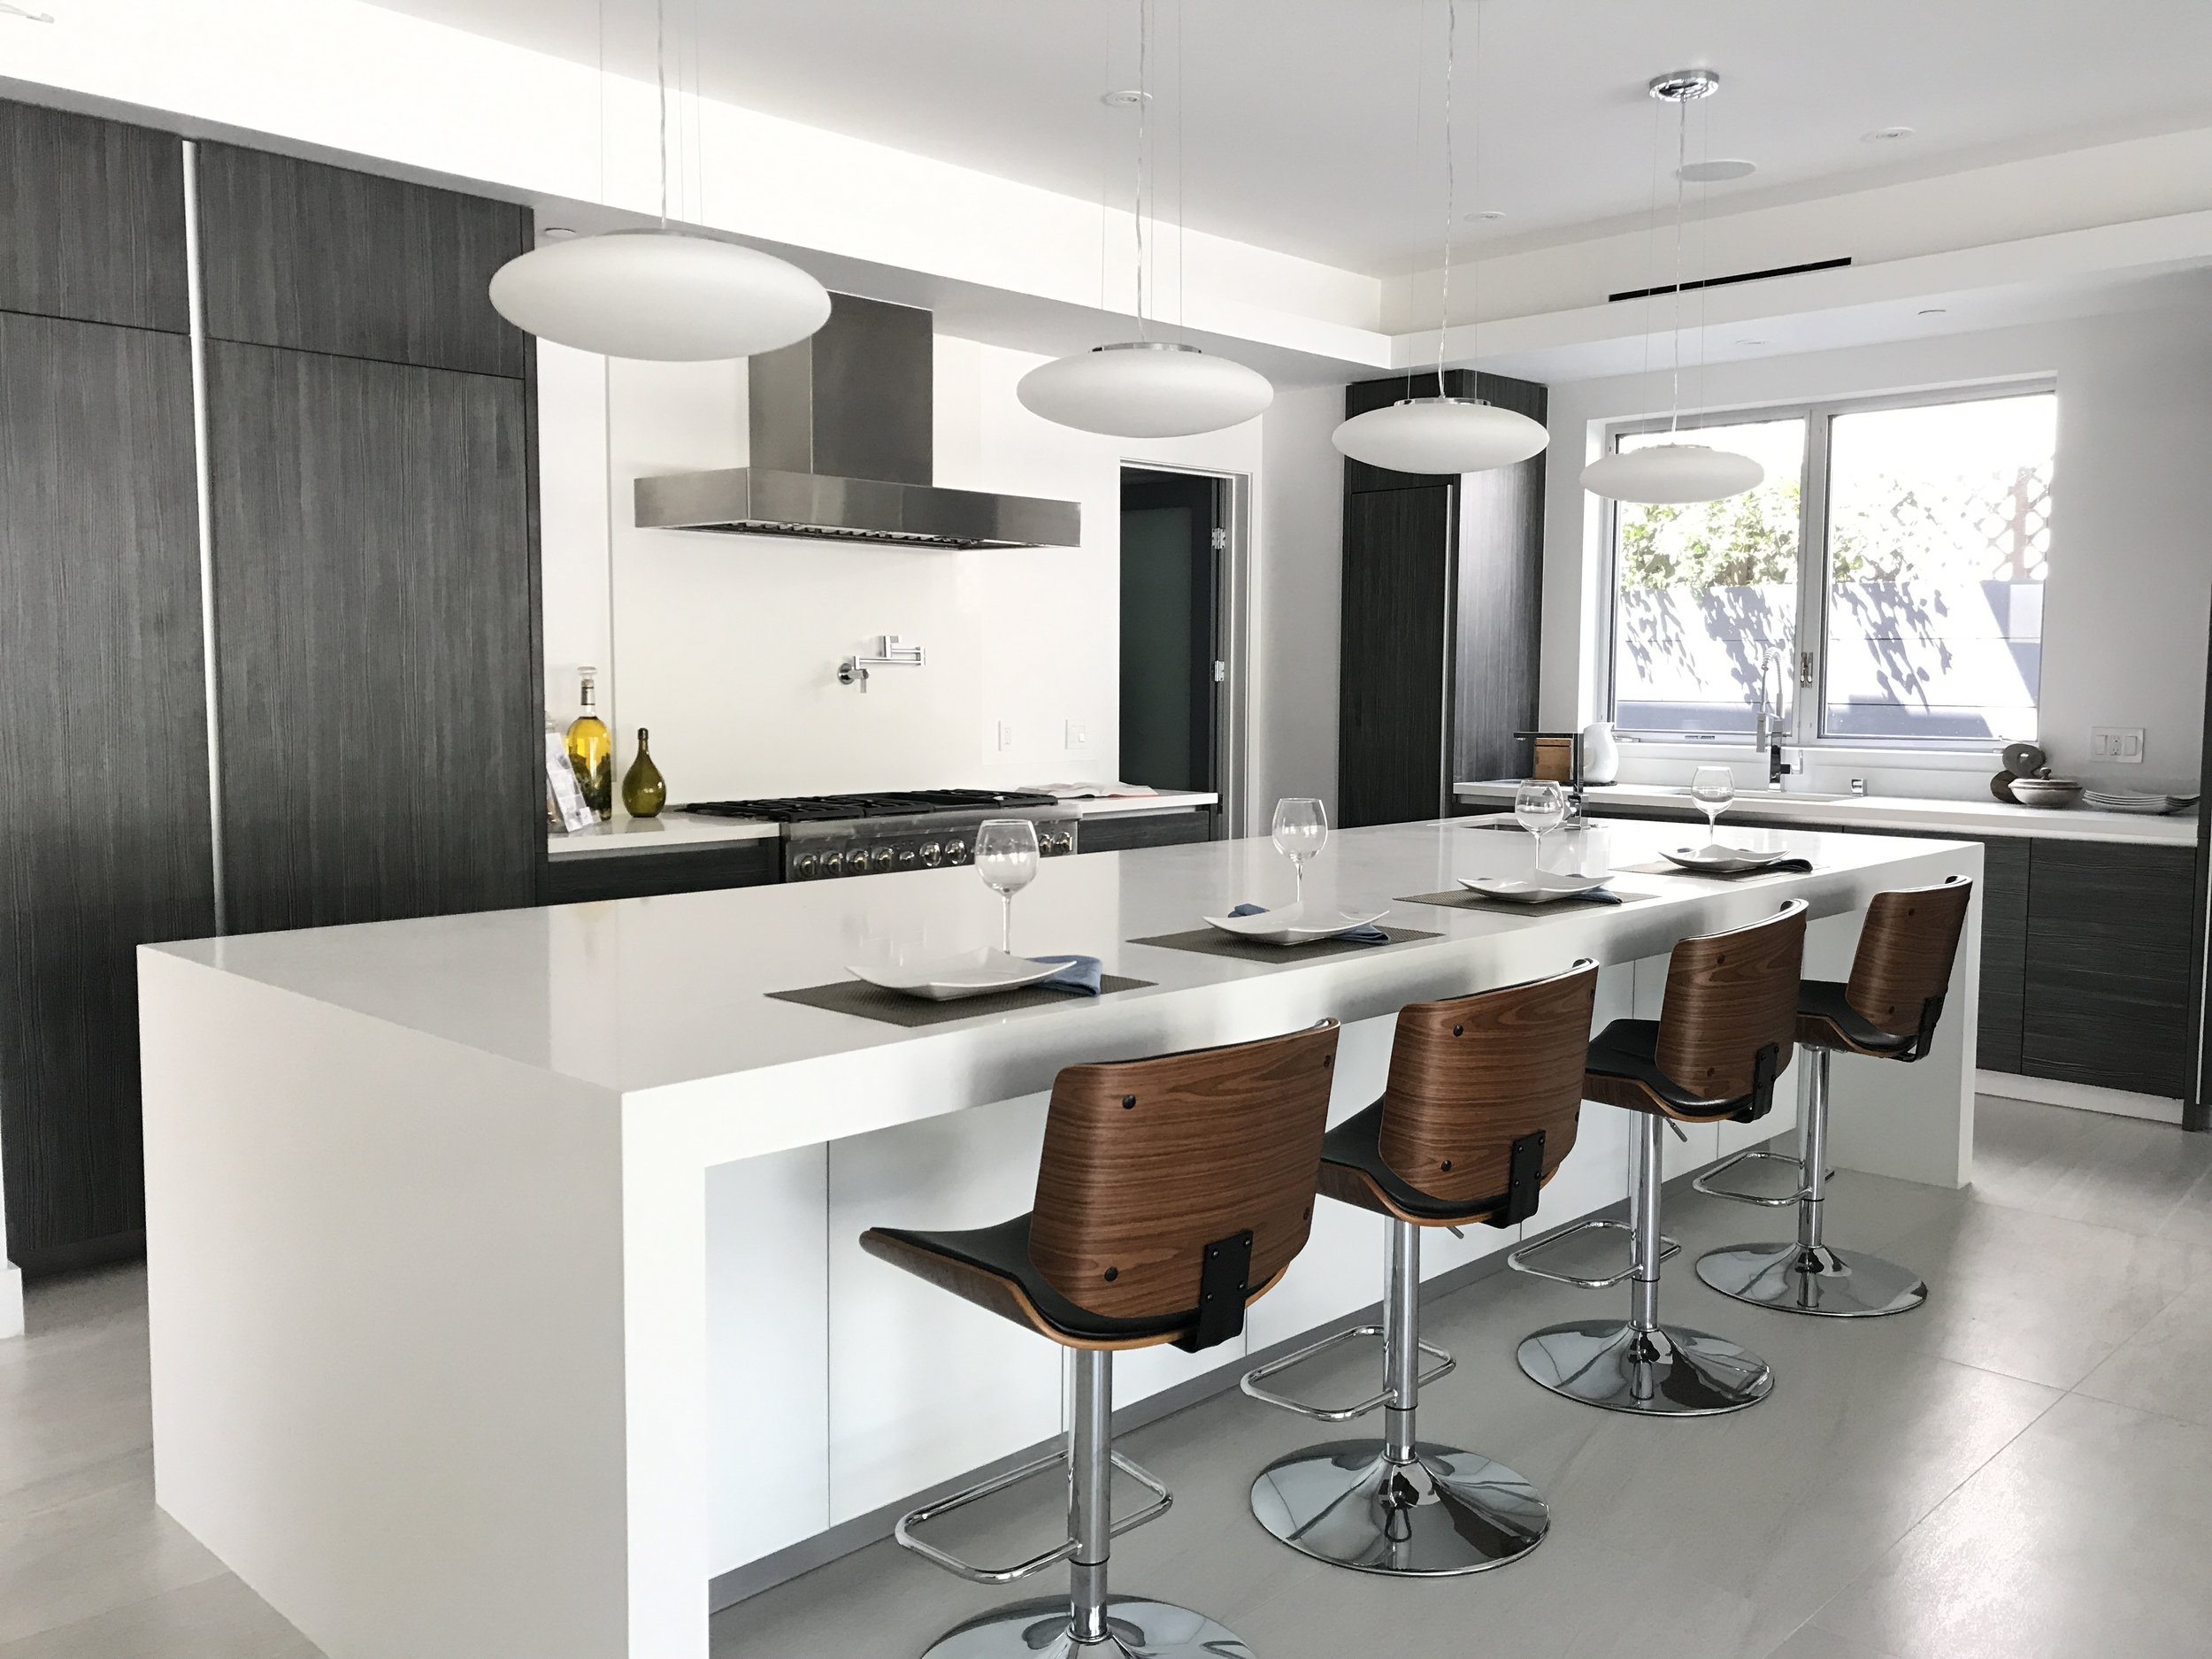 09 - Kitchen2.JPG